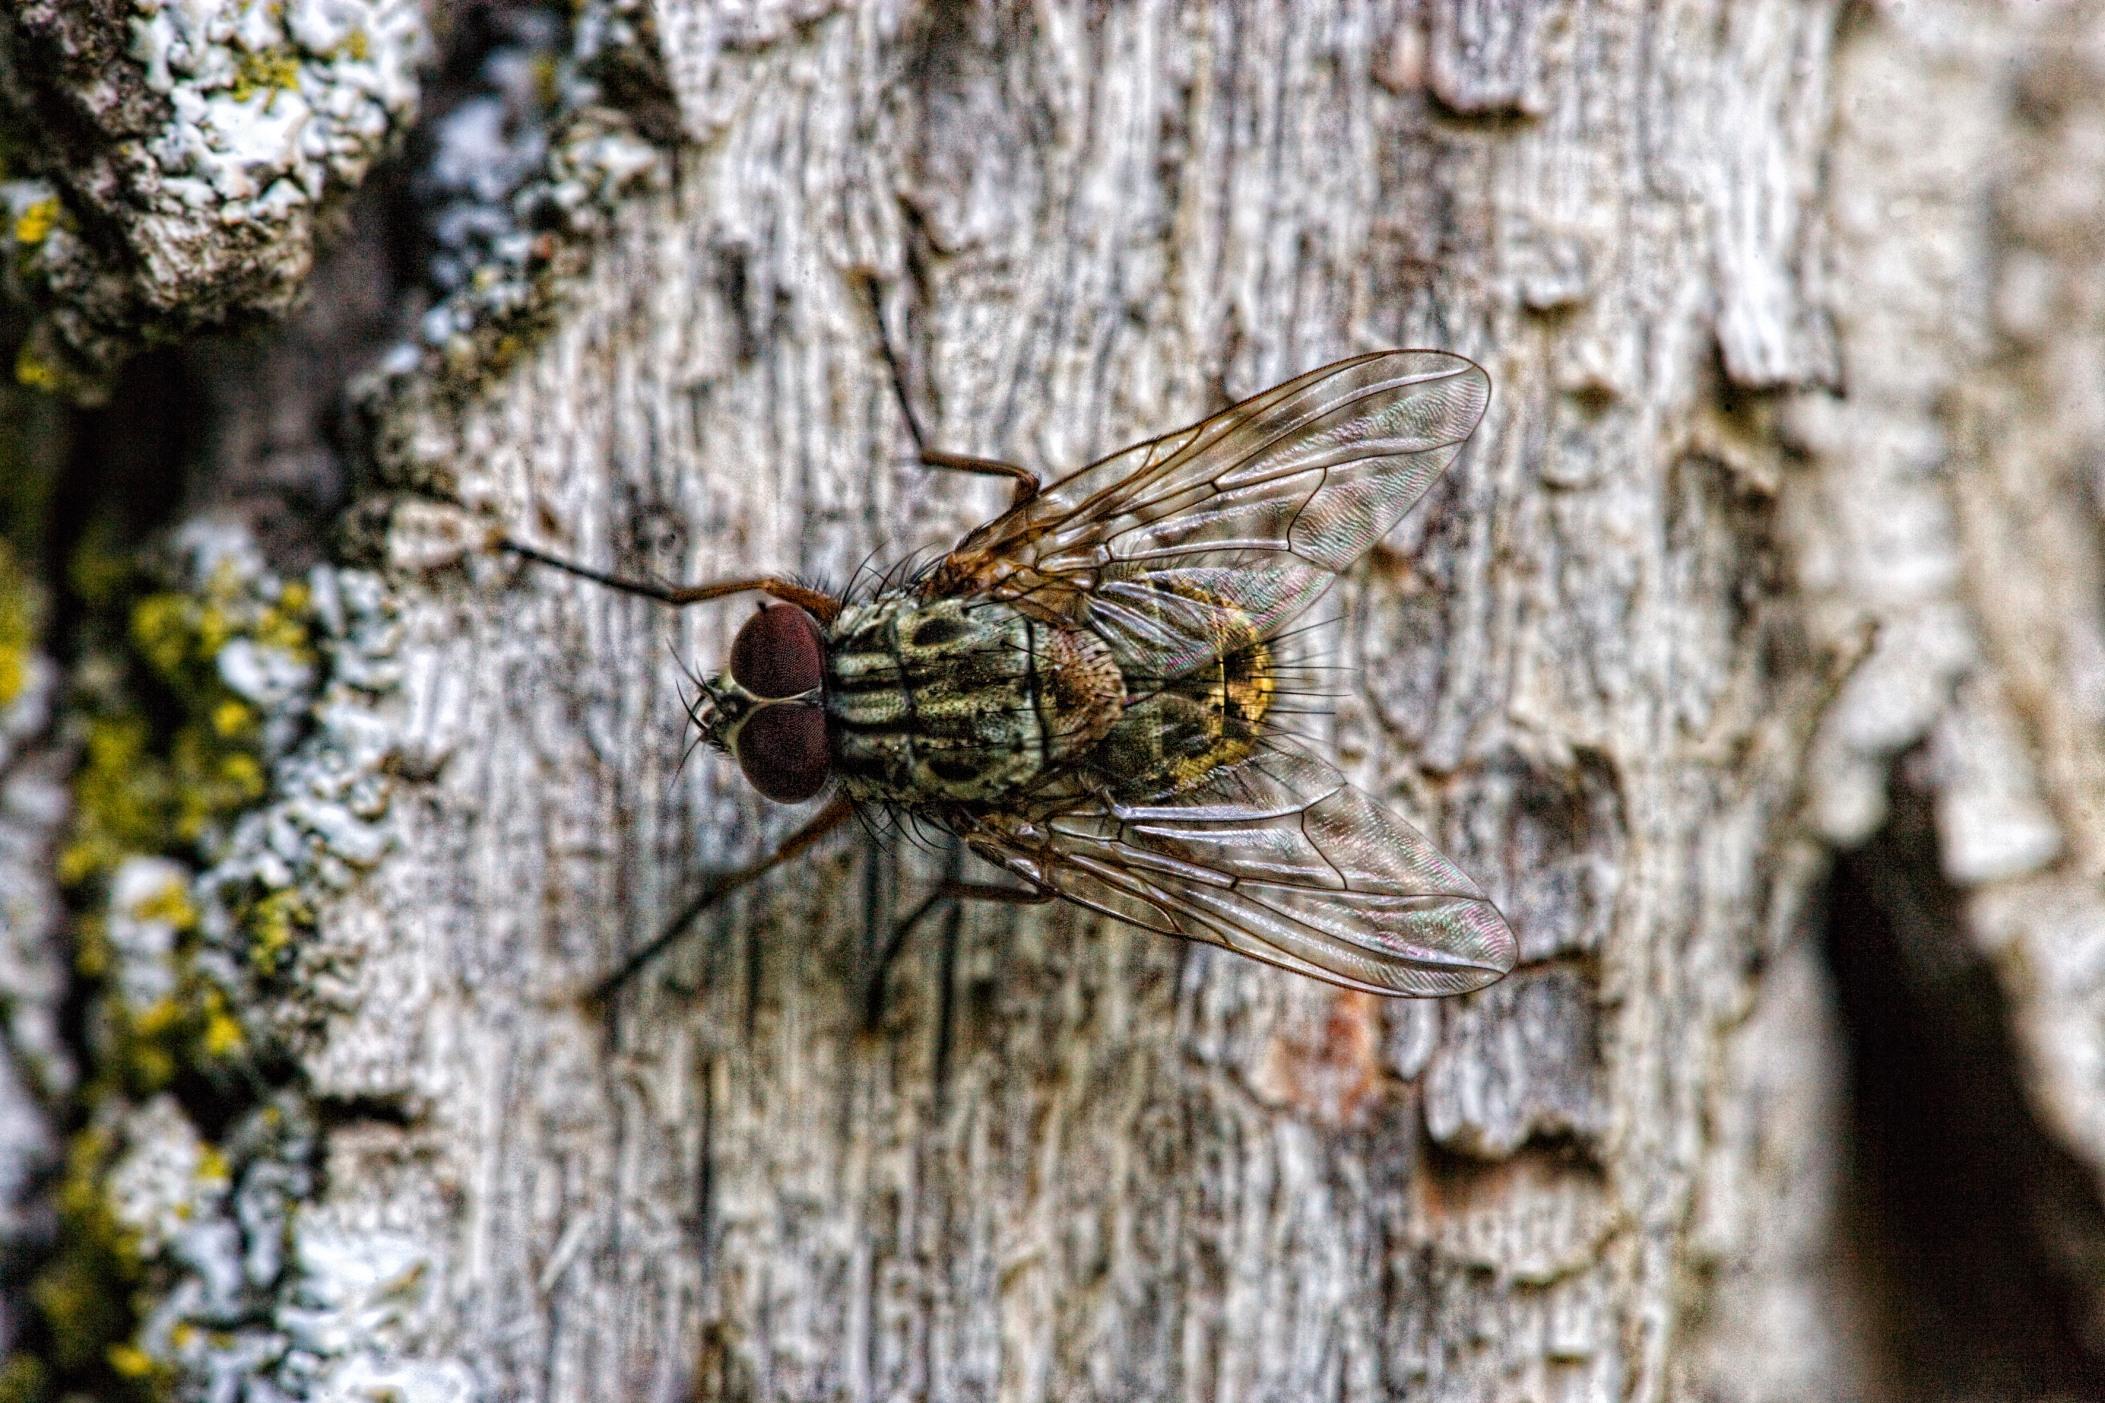 mosca-tonal-contras-ful-062313_223-copia